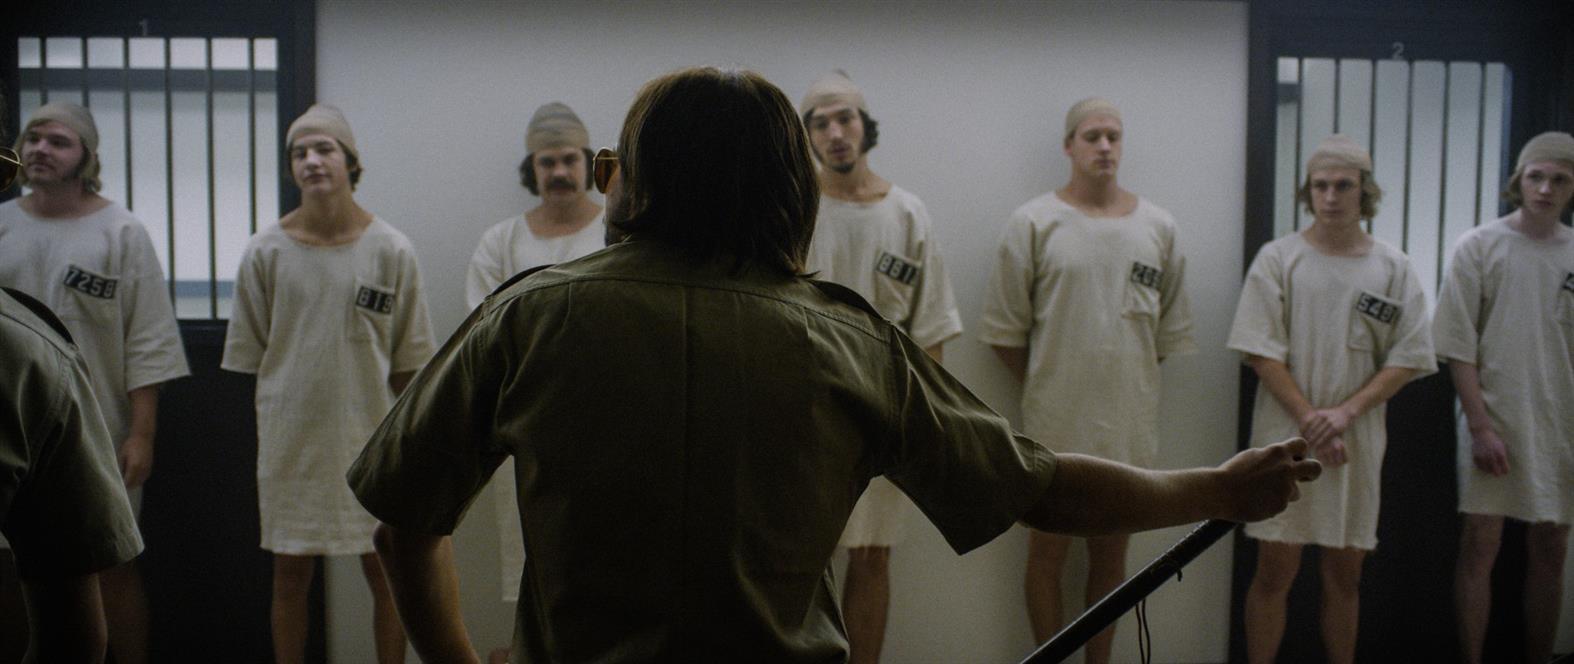 電影「史丹福監獄實驗」劇照